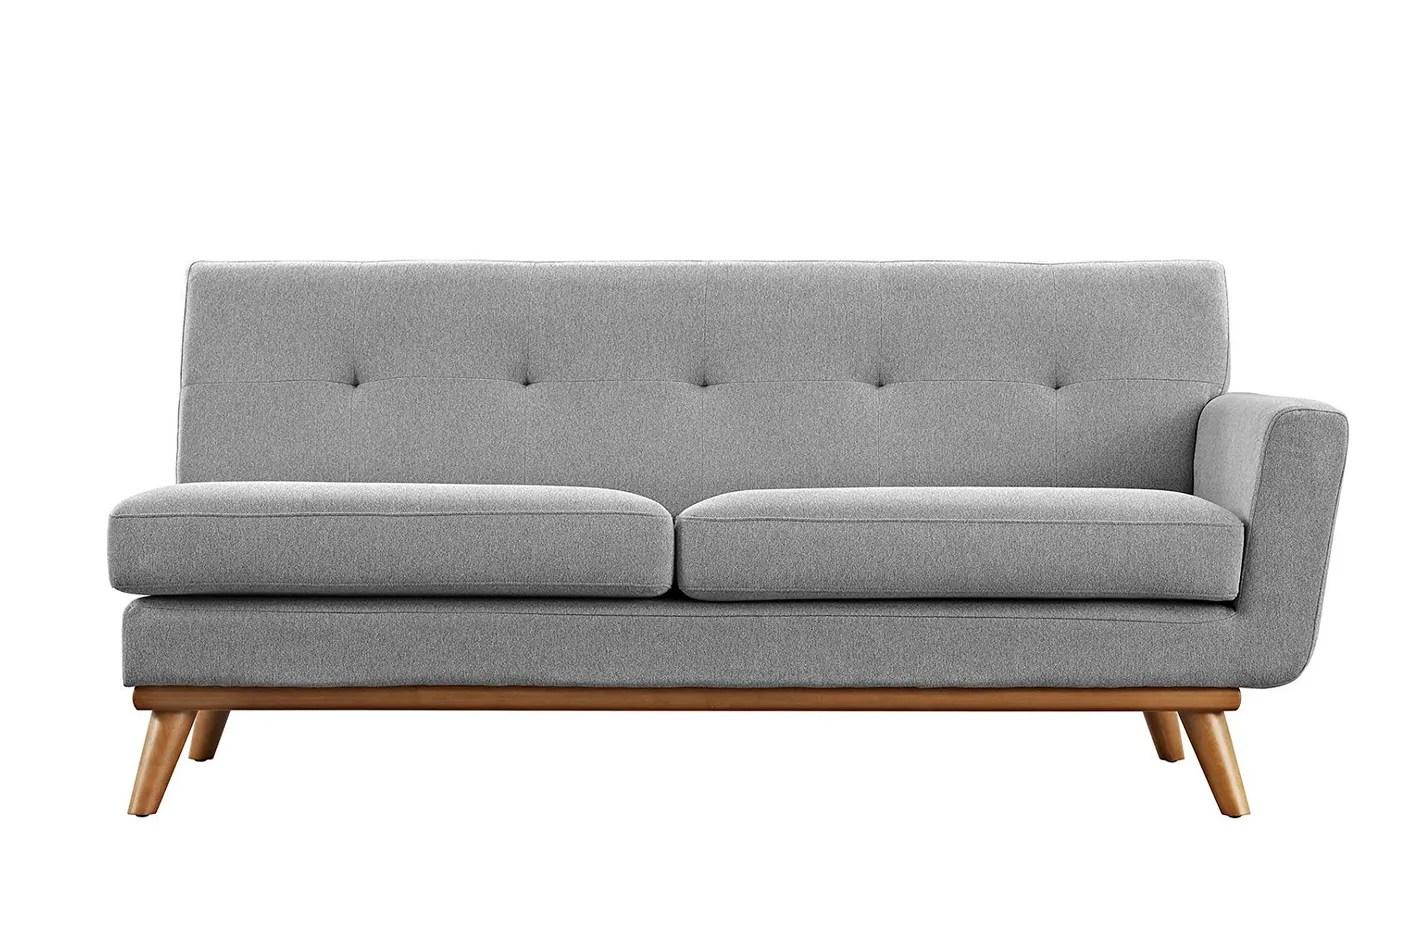 3 2 sofa deals set covers the best sofas under 500 plus a few 1000